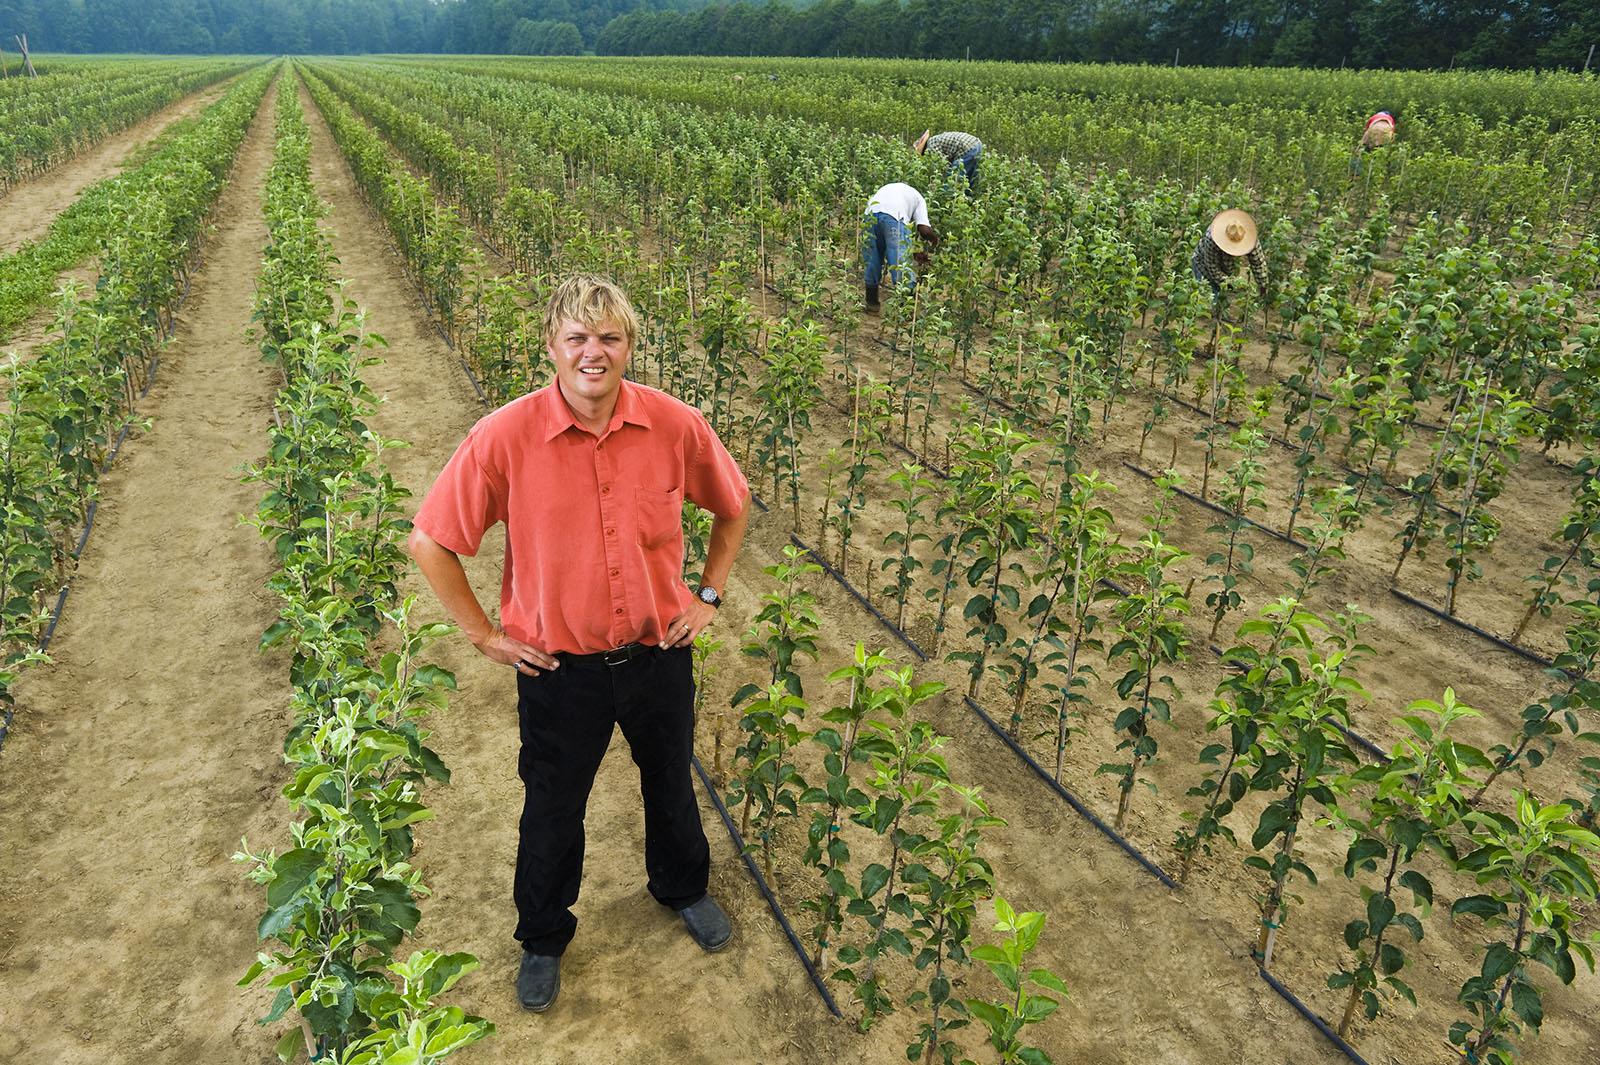 Farmer stands in apple tree field in fruit farm Elgin, Ontario